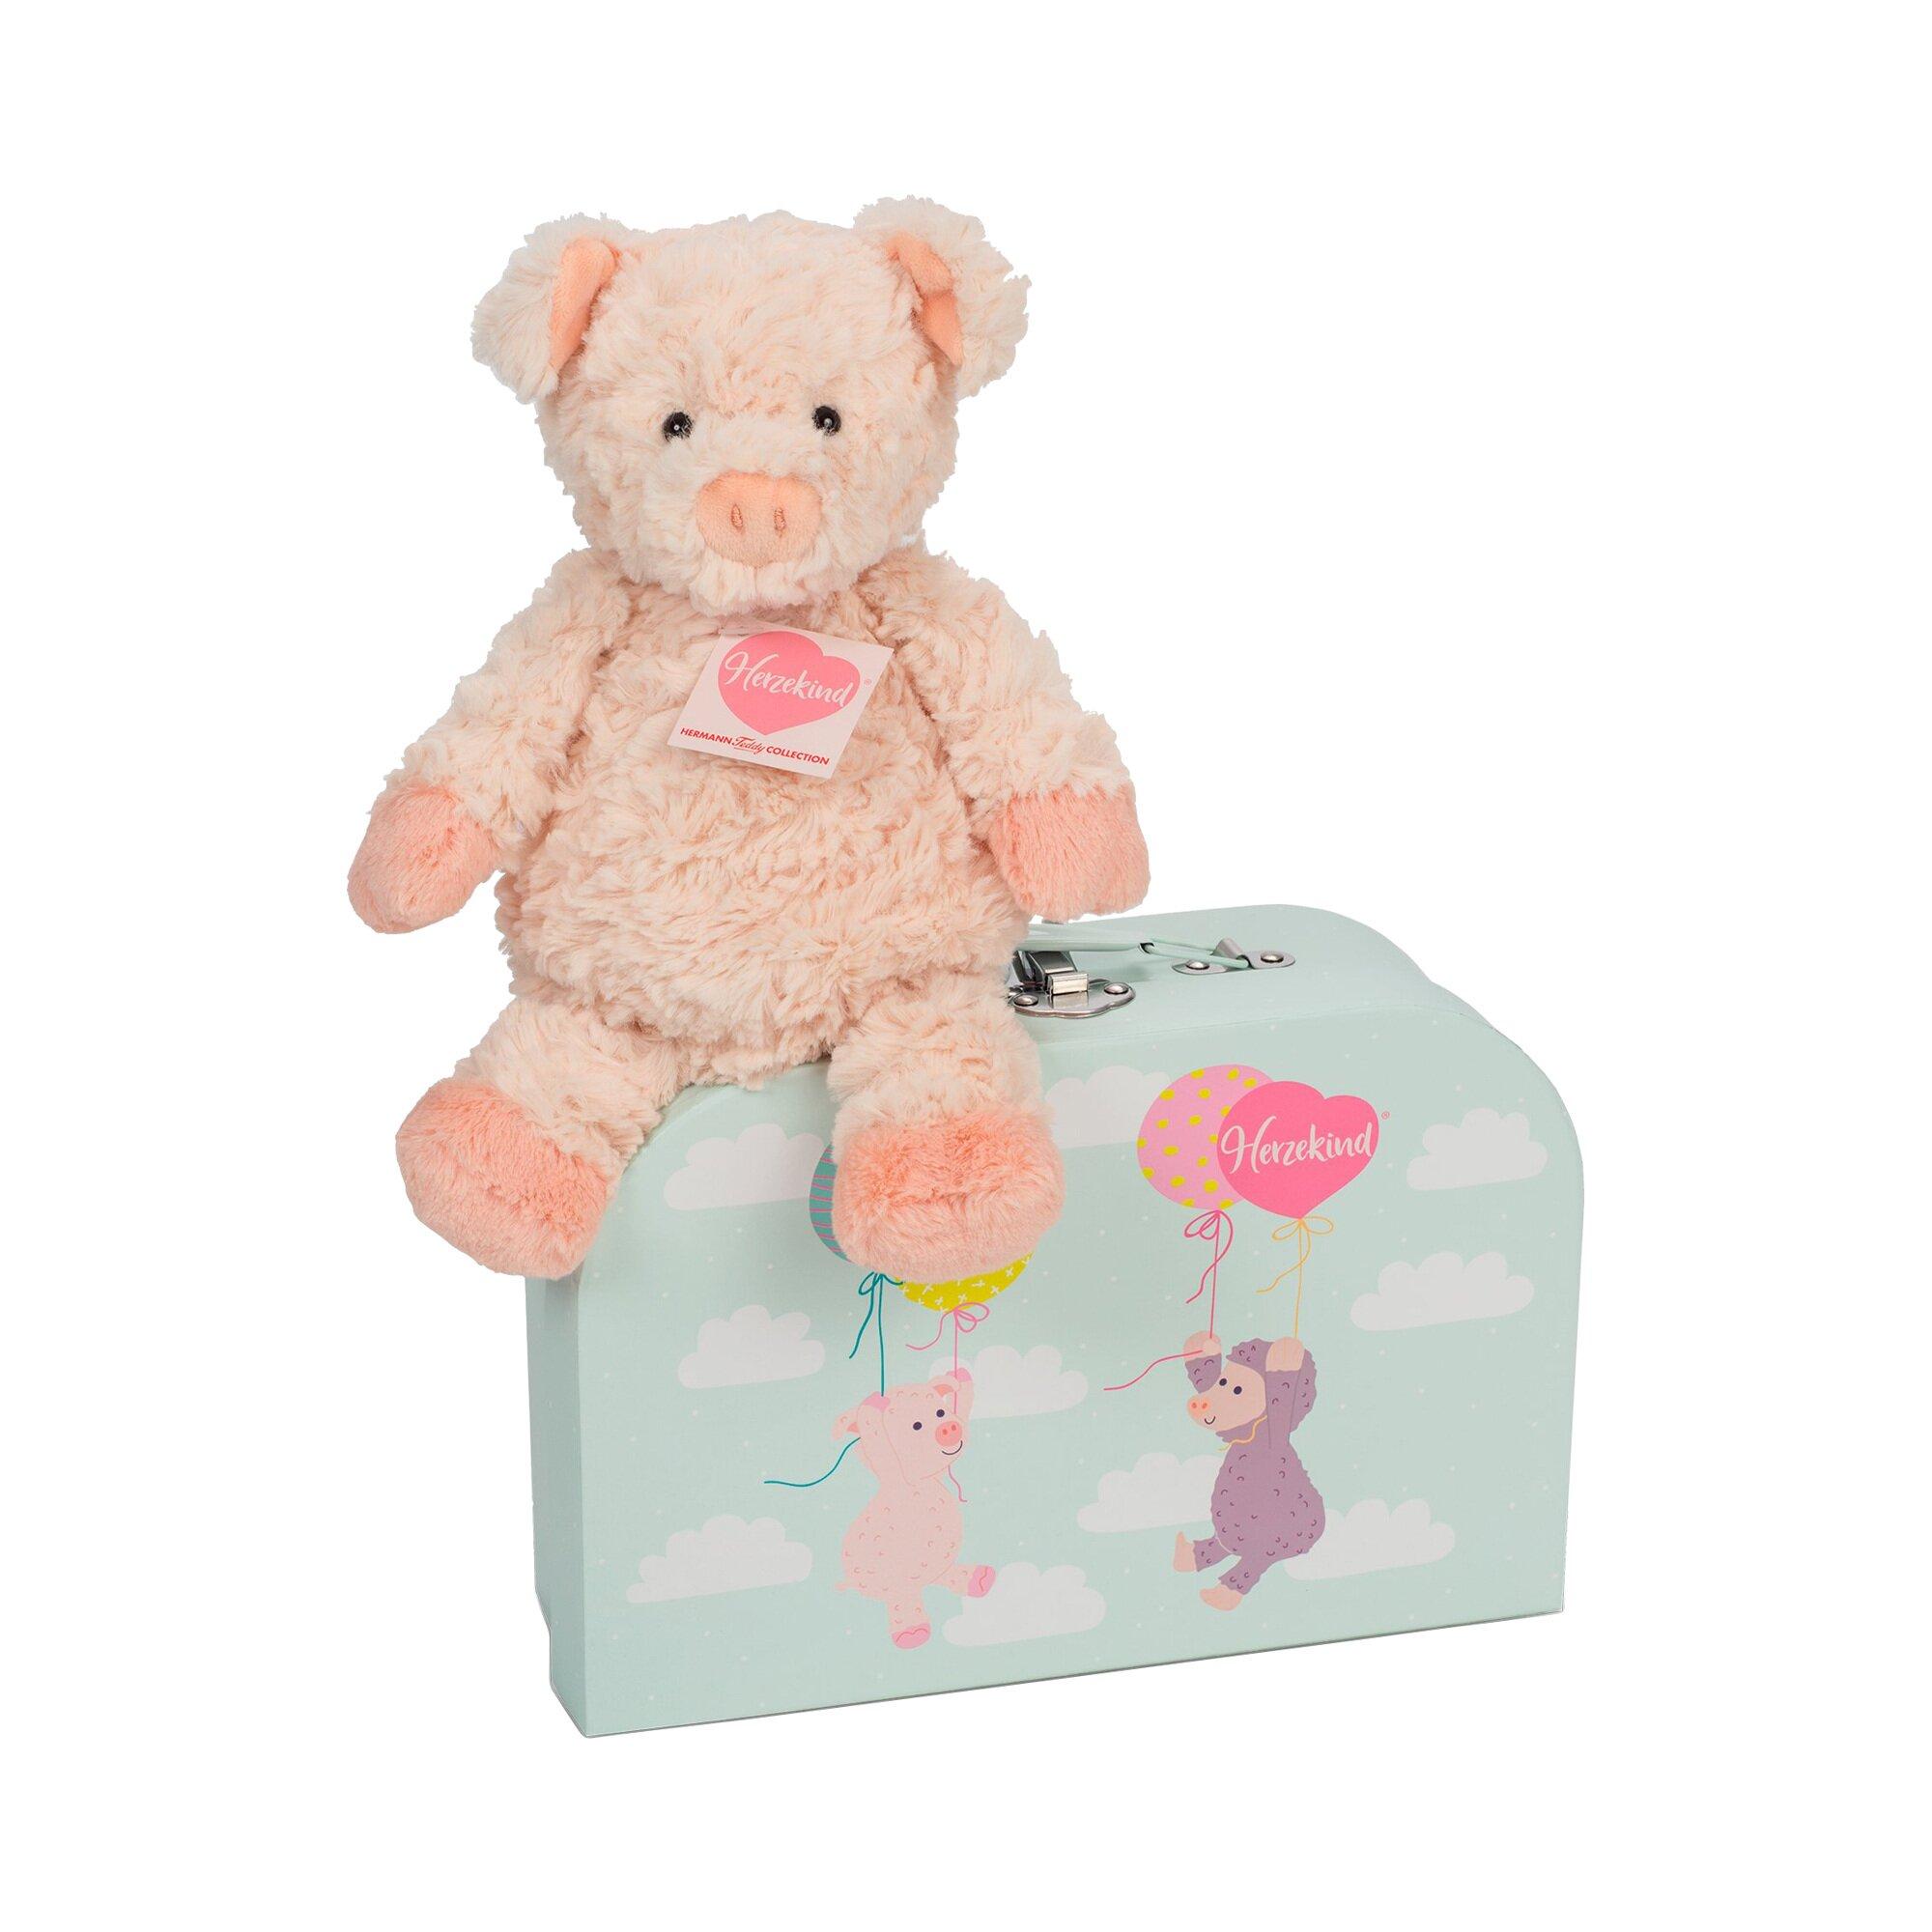 Herzekind Kuscheltier Schweinchen Sunny mit Koffer 27cm